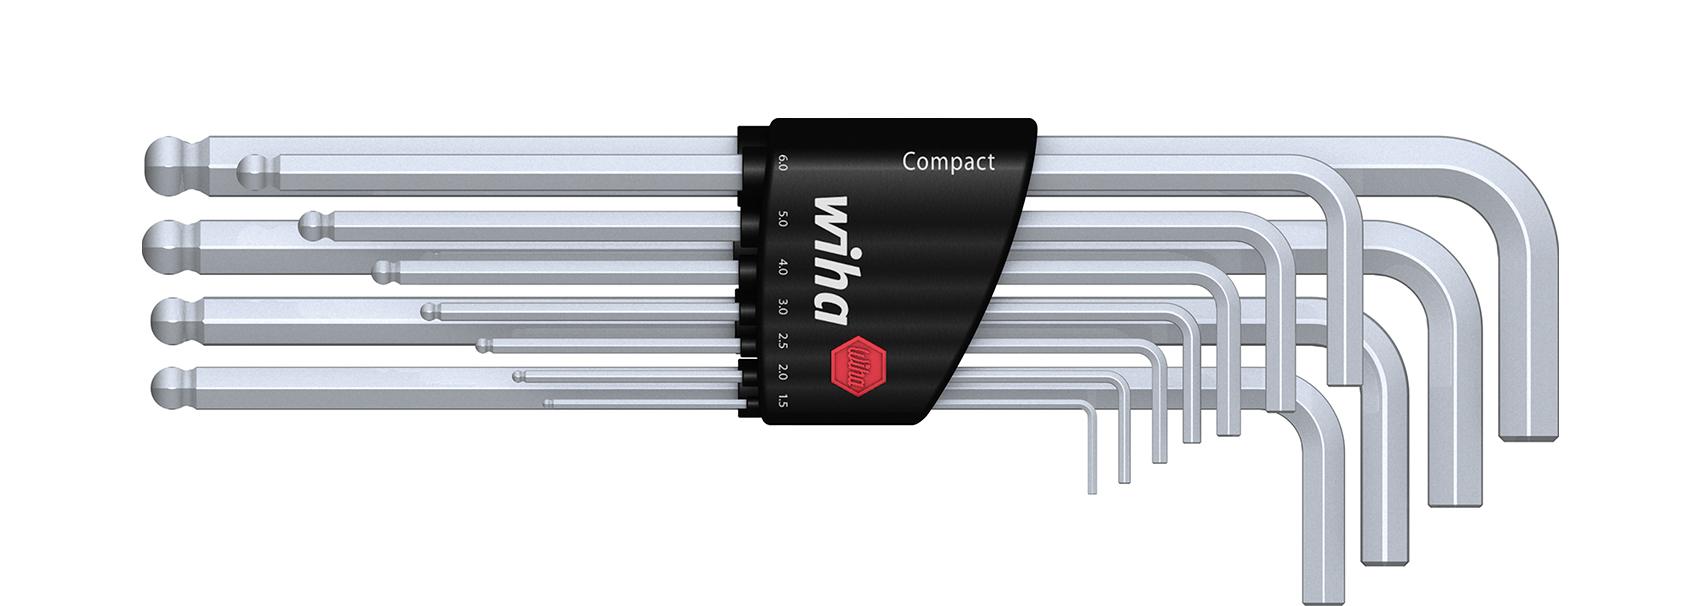 369_H11_Stiftschluessel_CompactHalter_KatA